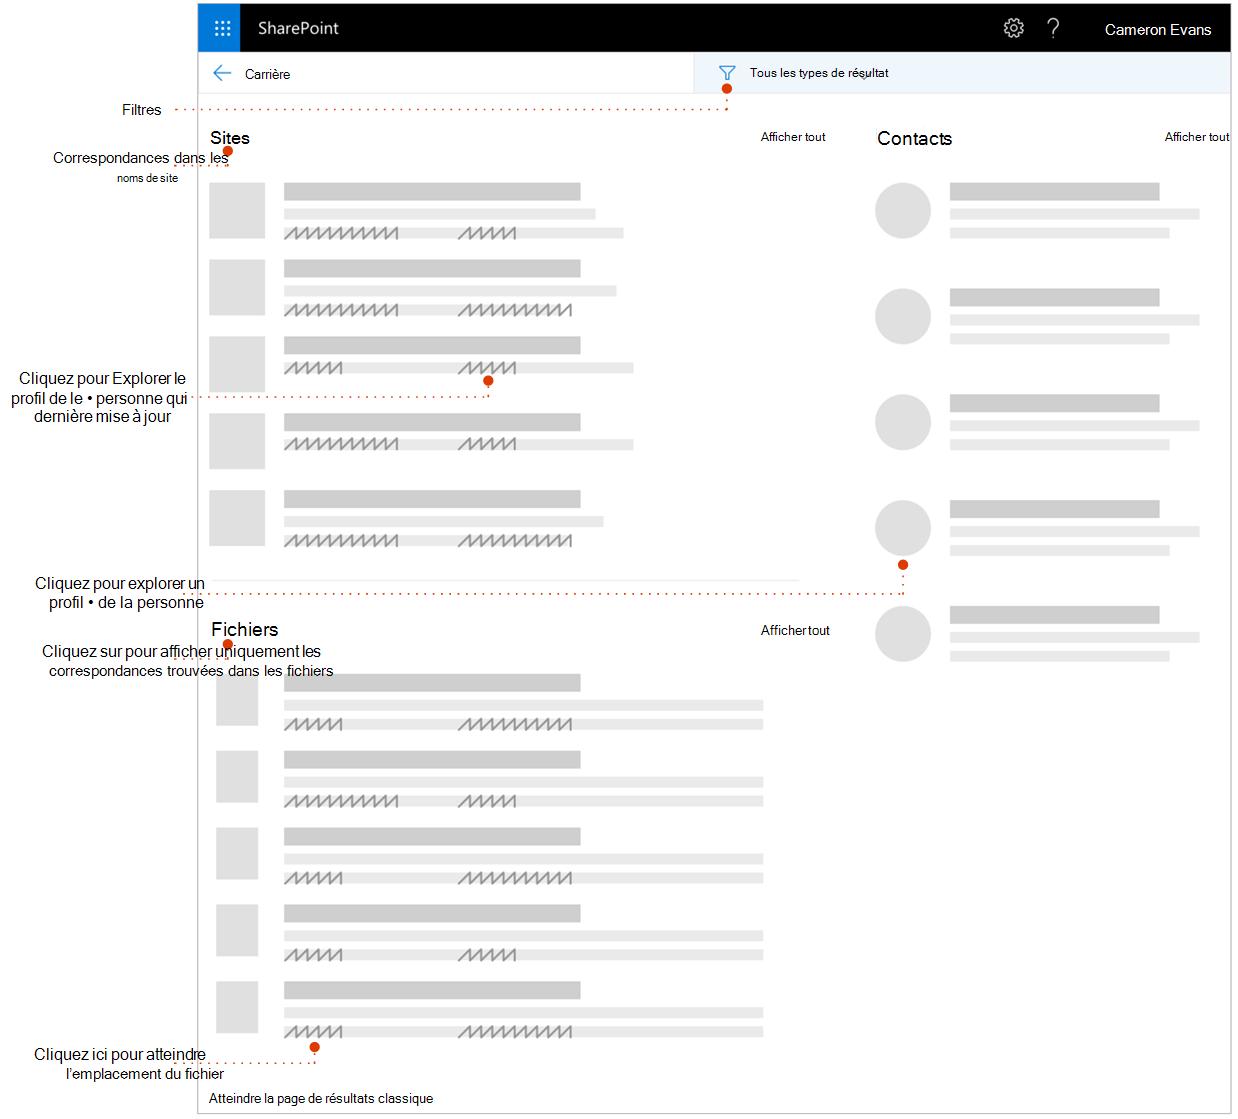 Page avec des pointeurs vers des éléments pour Explorer de résultats de la capture d'écran de la recherche.